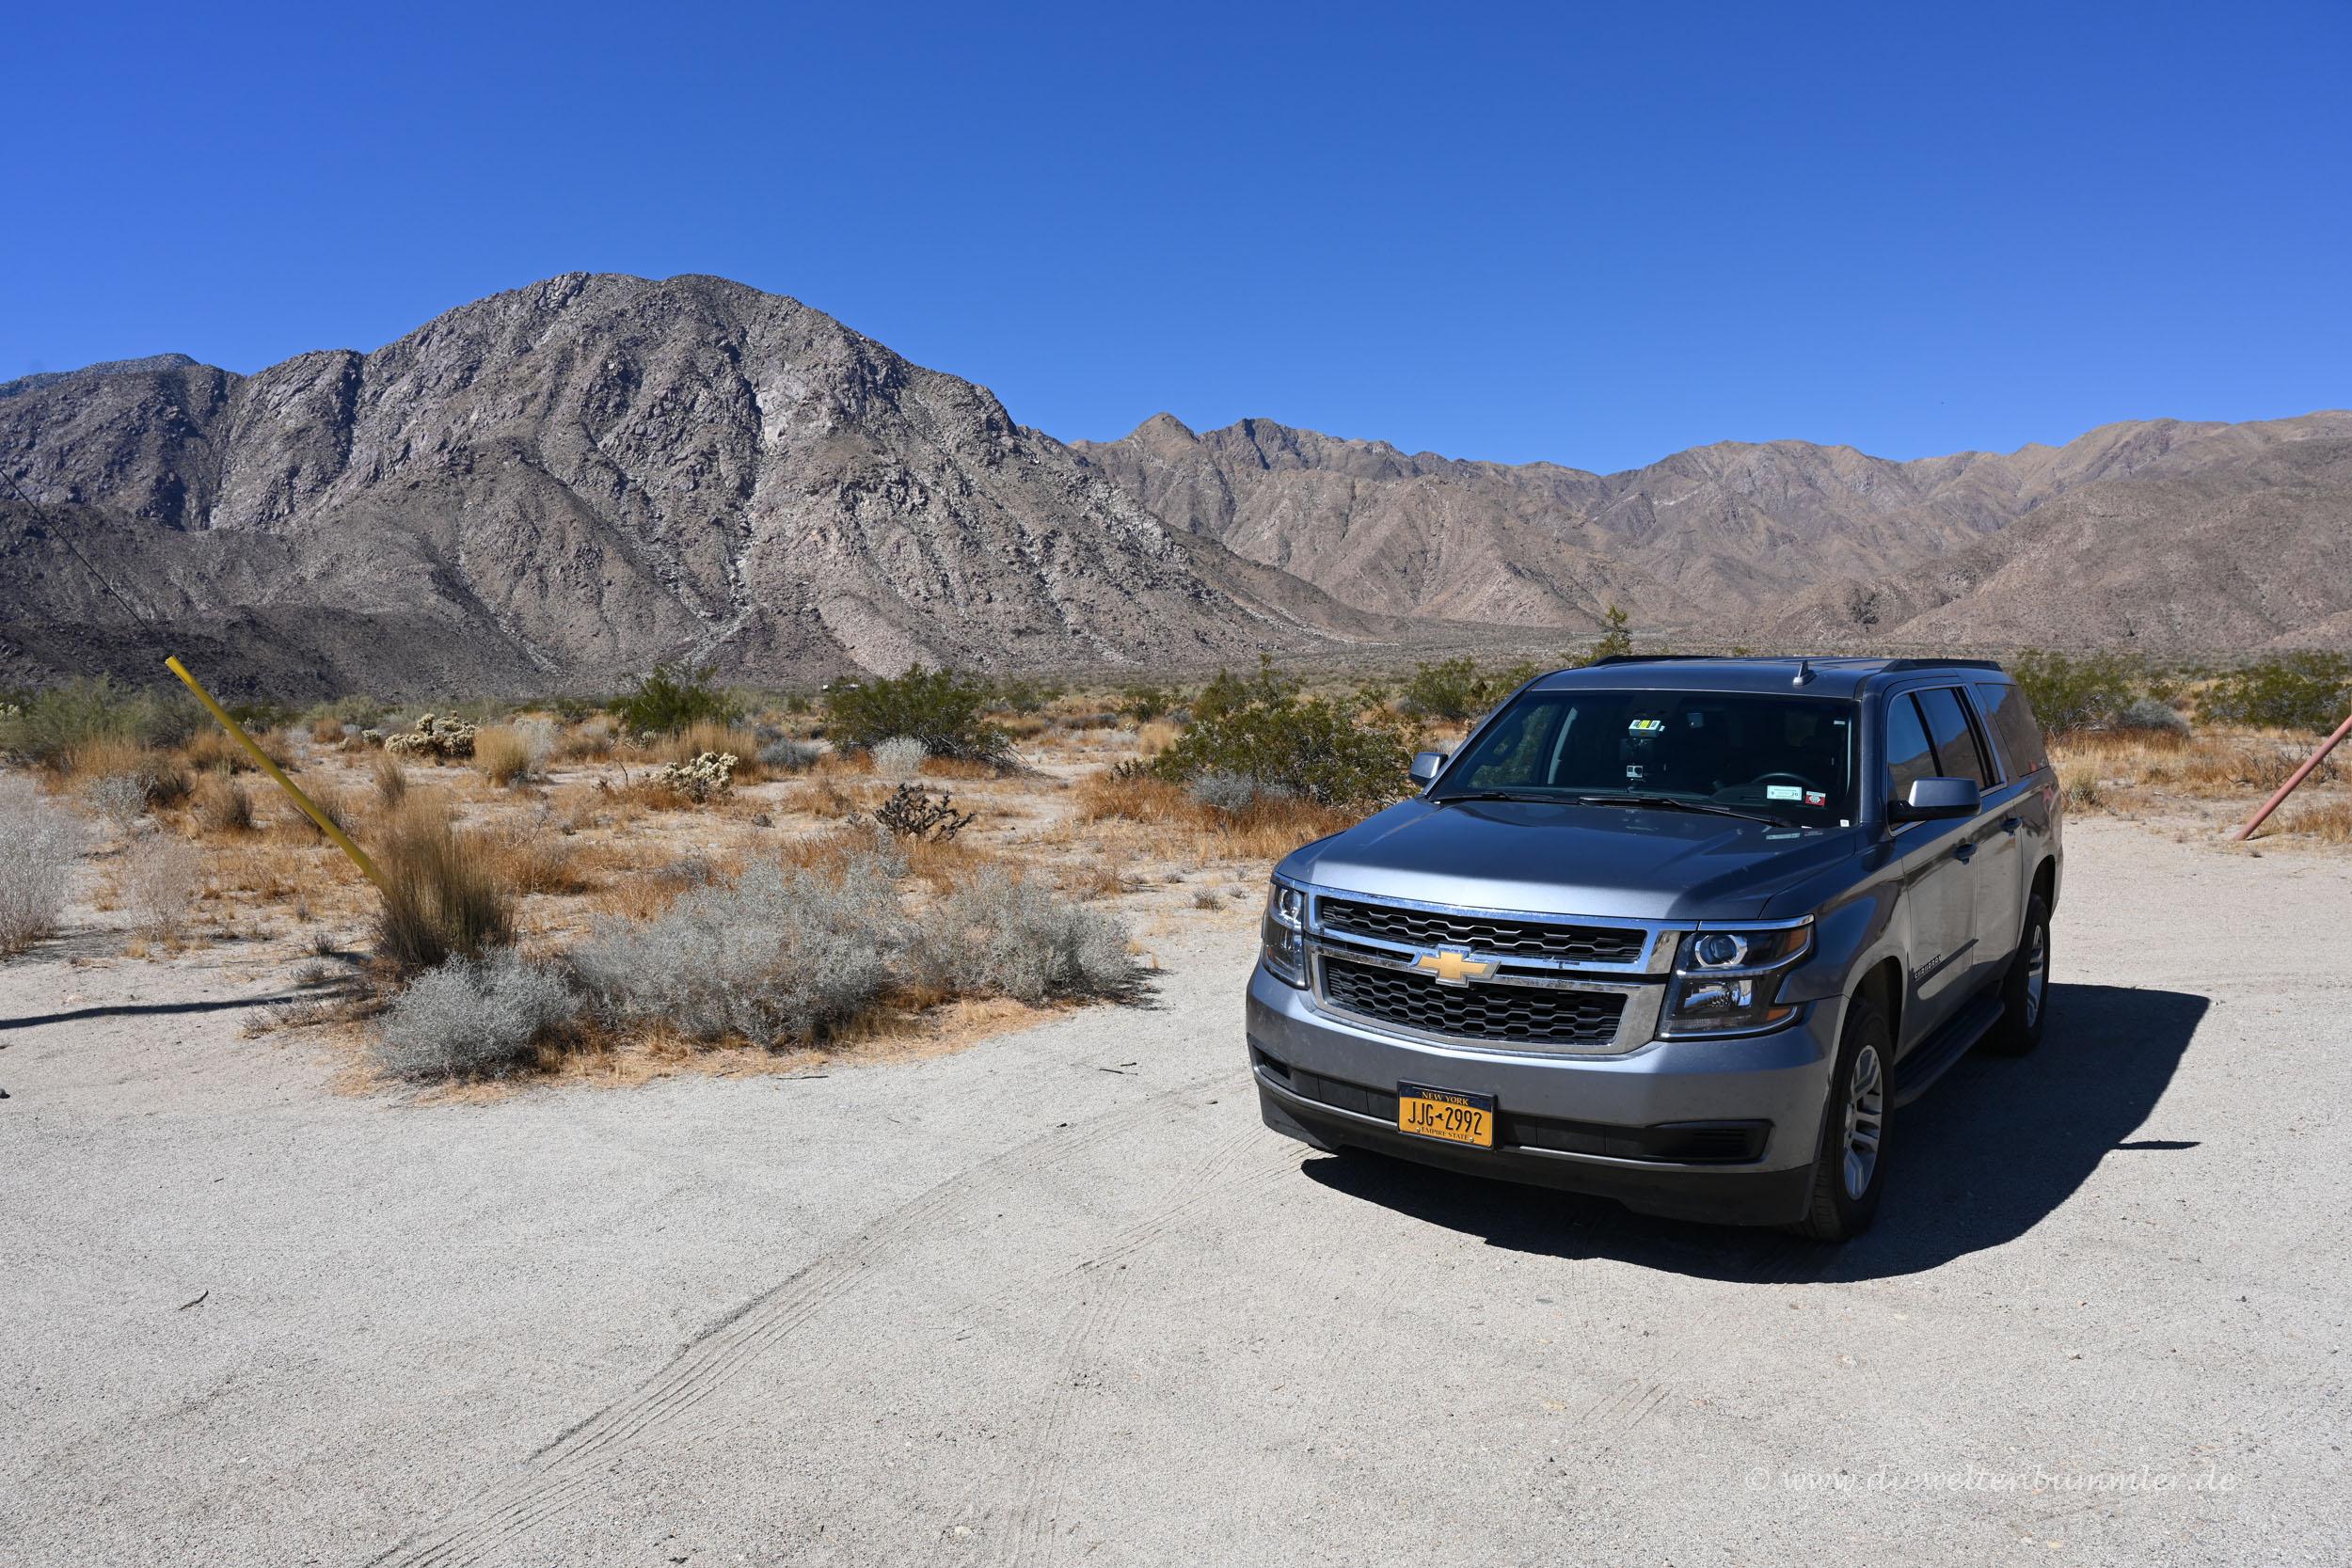 Unser SUV in der Wüste von Kalifornien